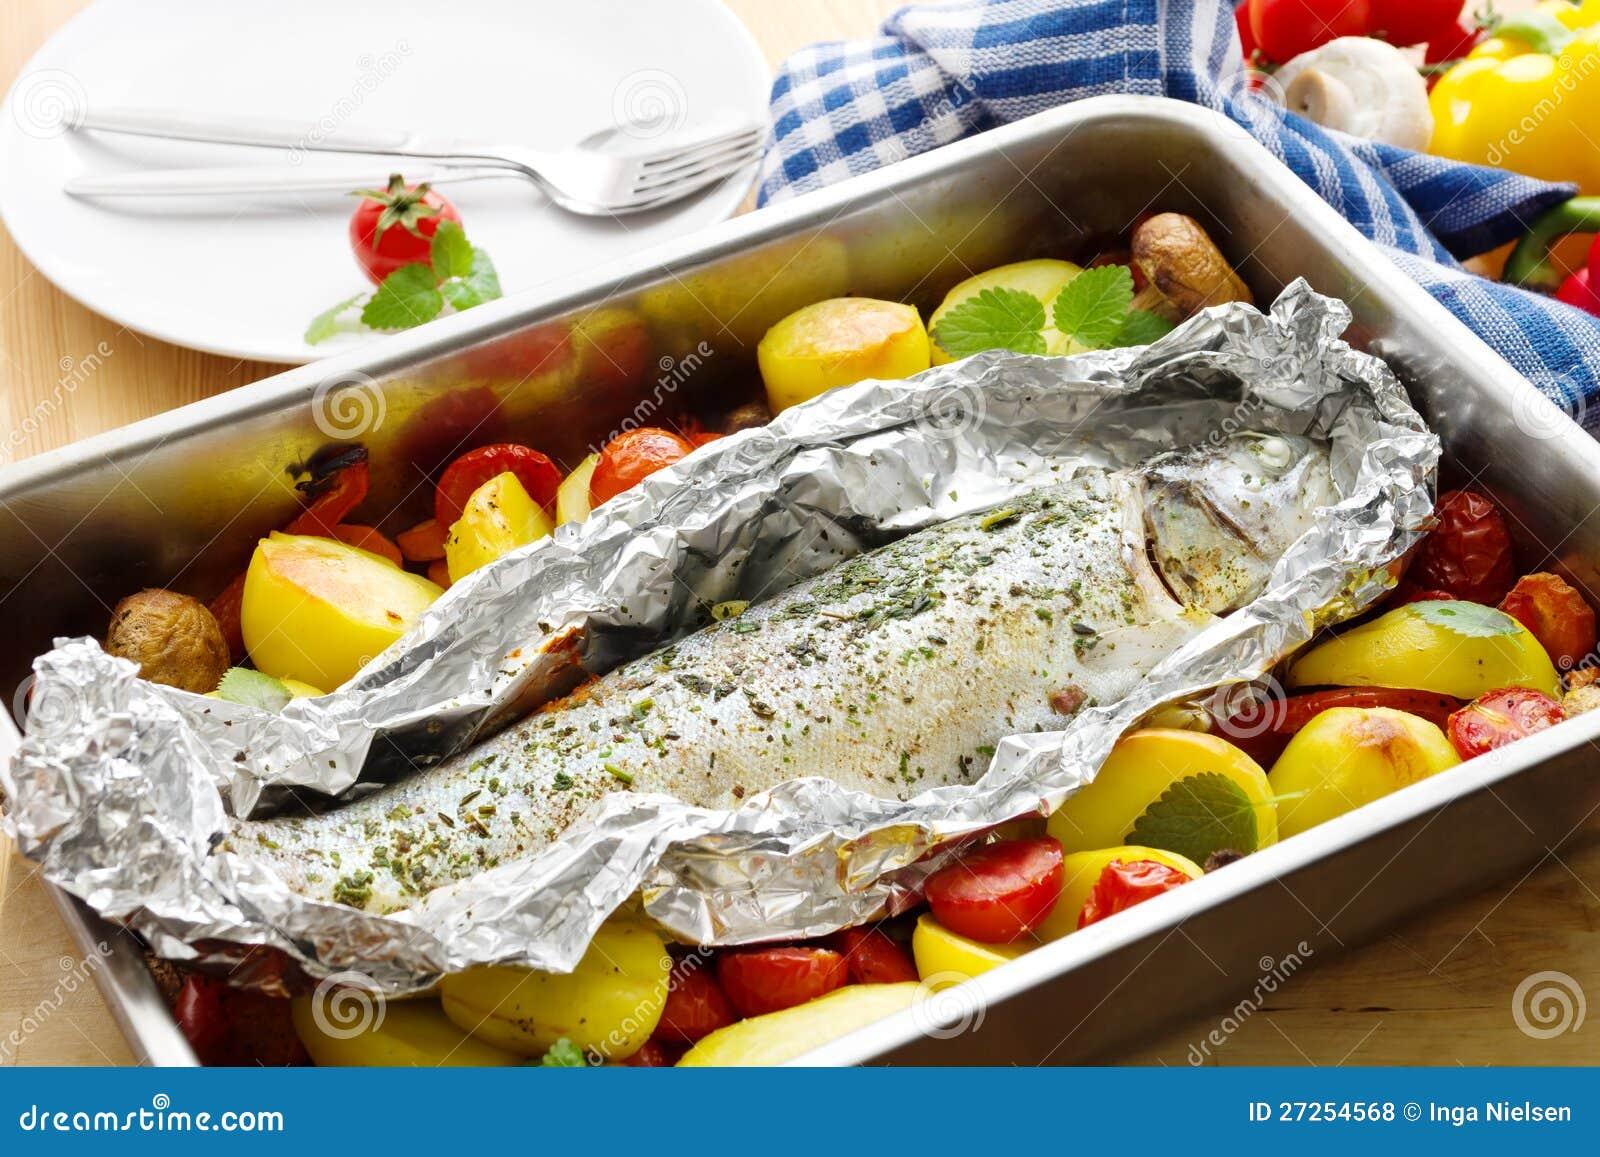 truite cuite au four photos libres de droits image 27254568